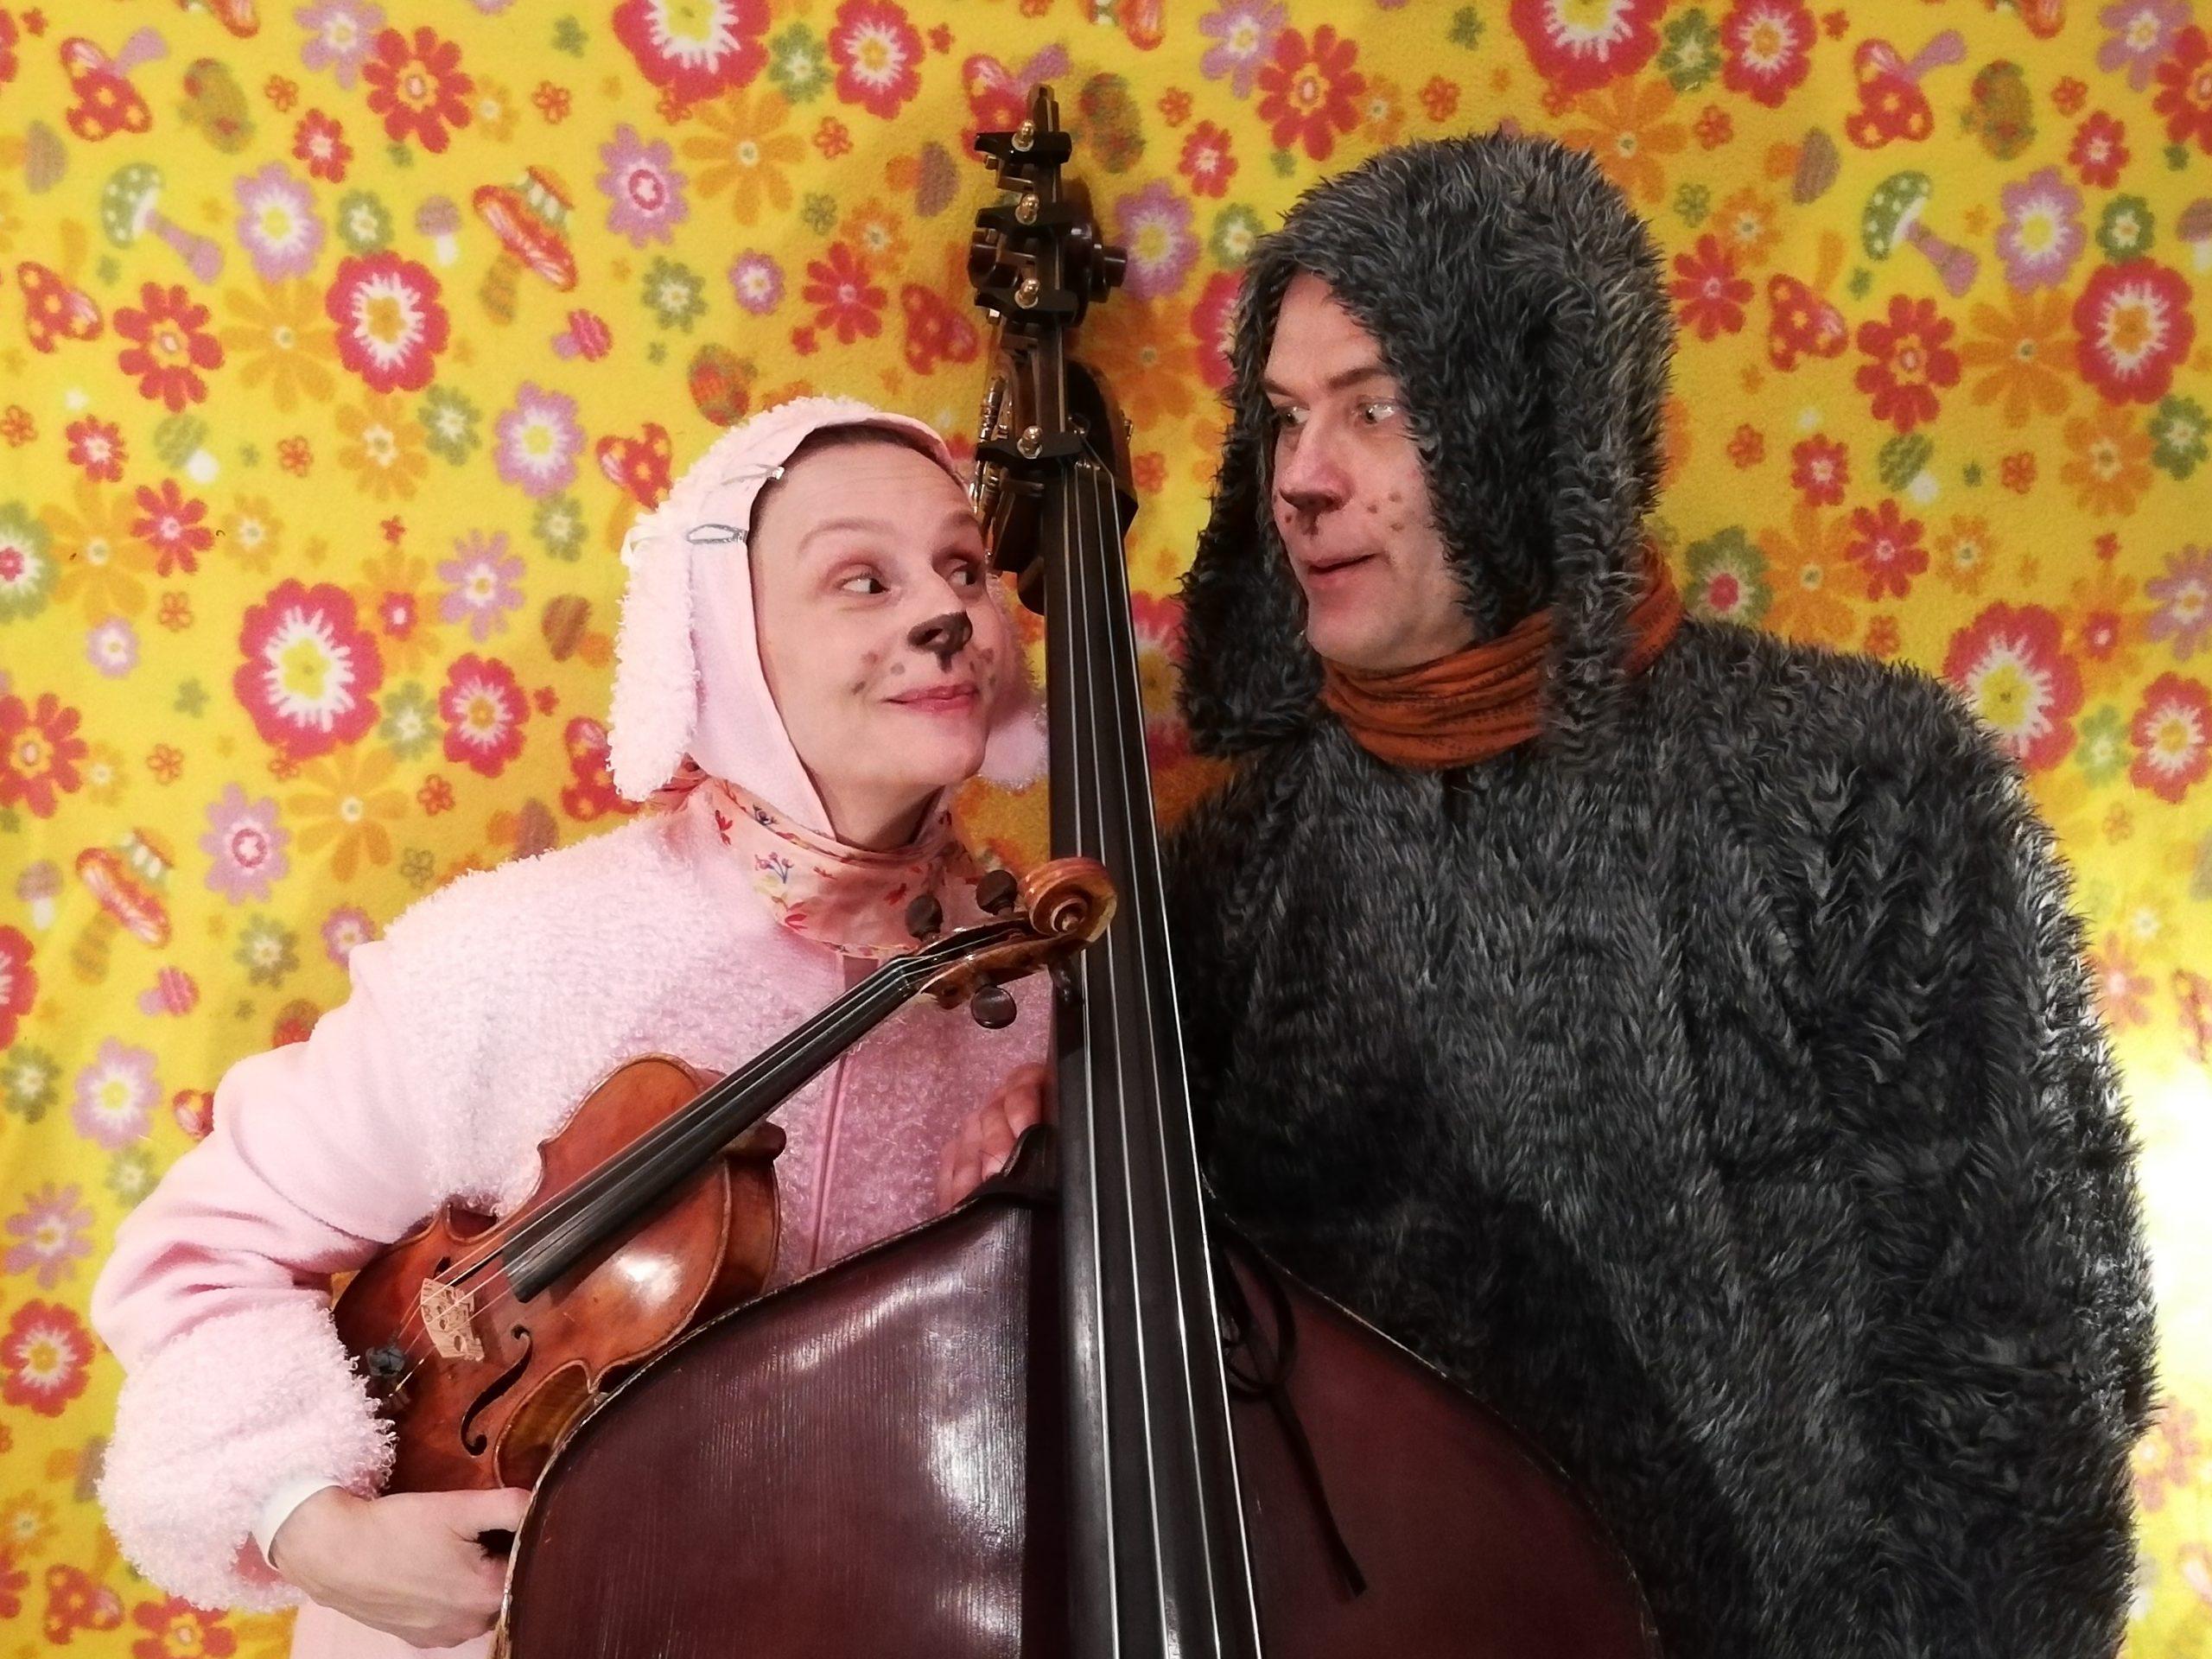 Klasari-Klaara ja Jazz-Piski soittimet kädessään värikkään taustan edessä virne kasvoillaan.